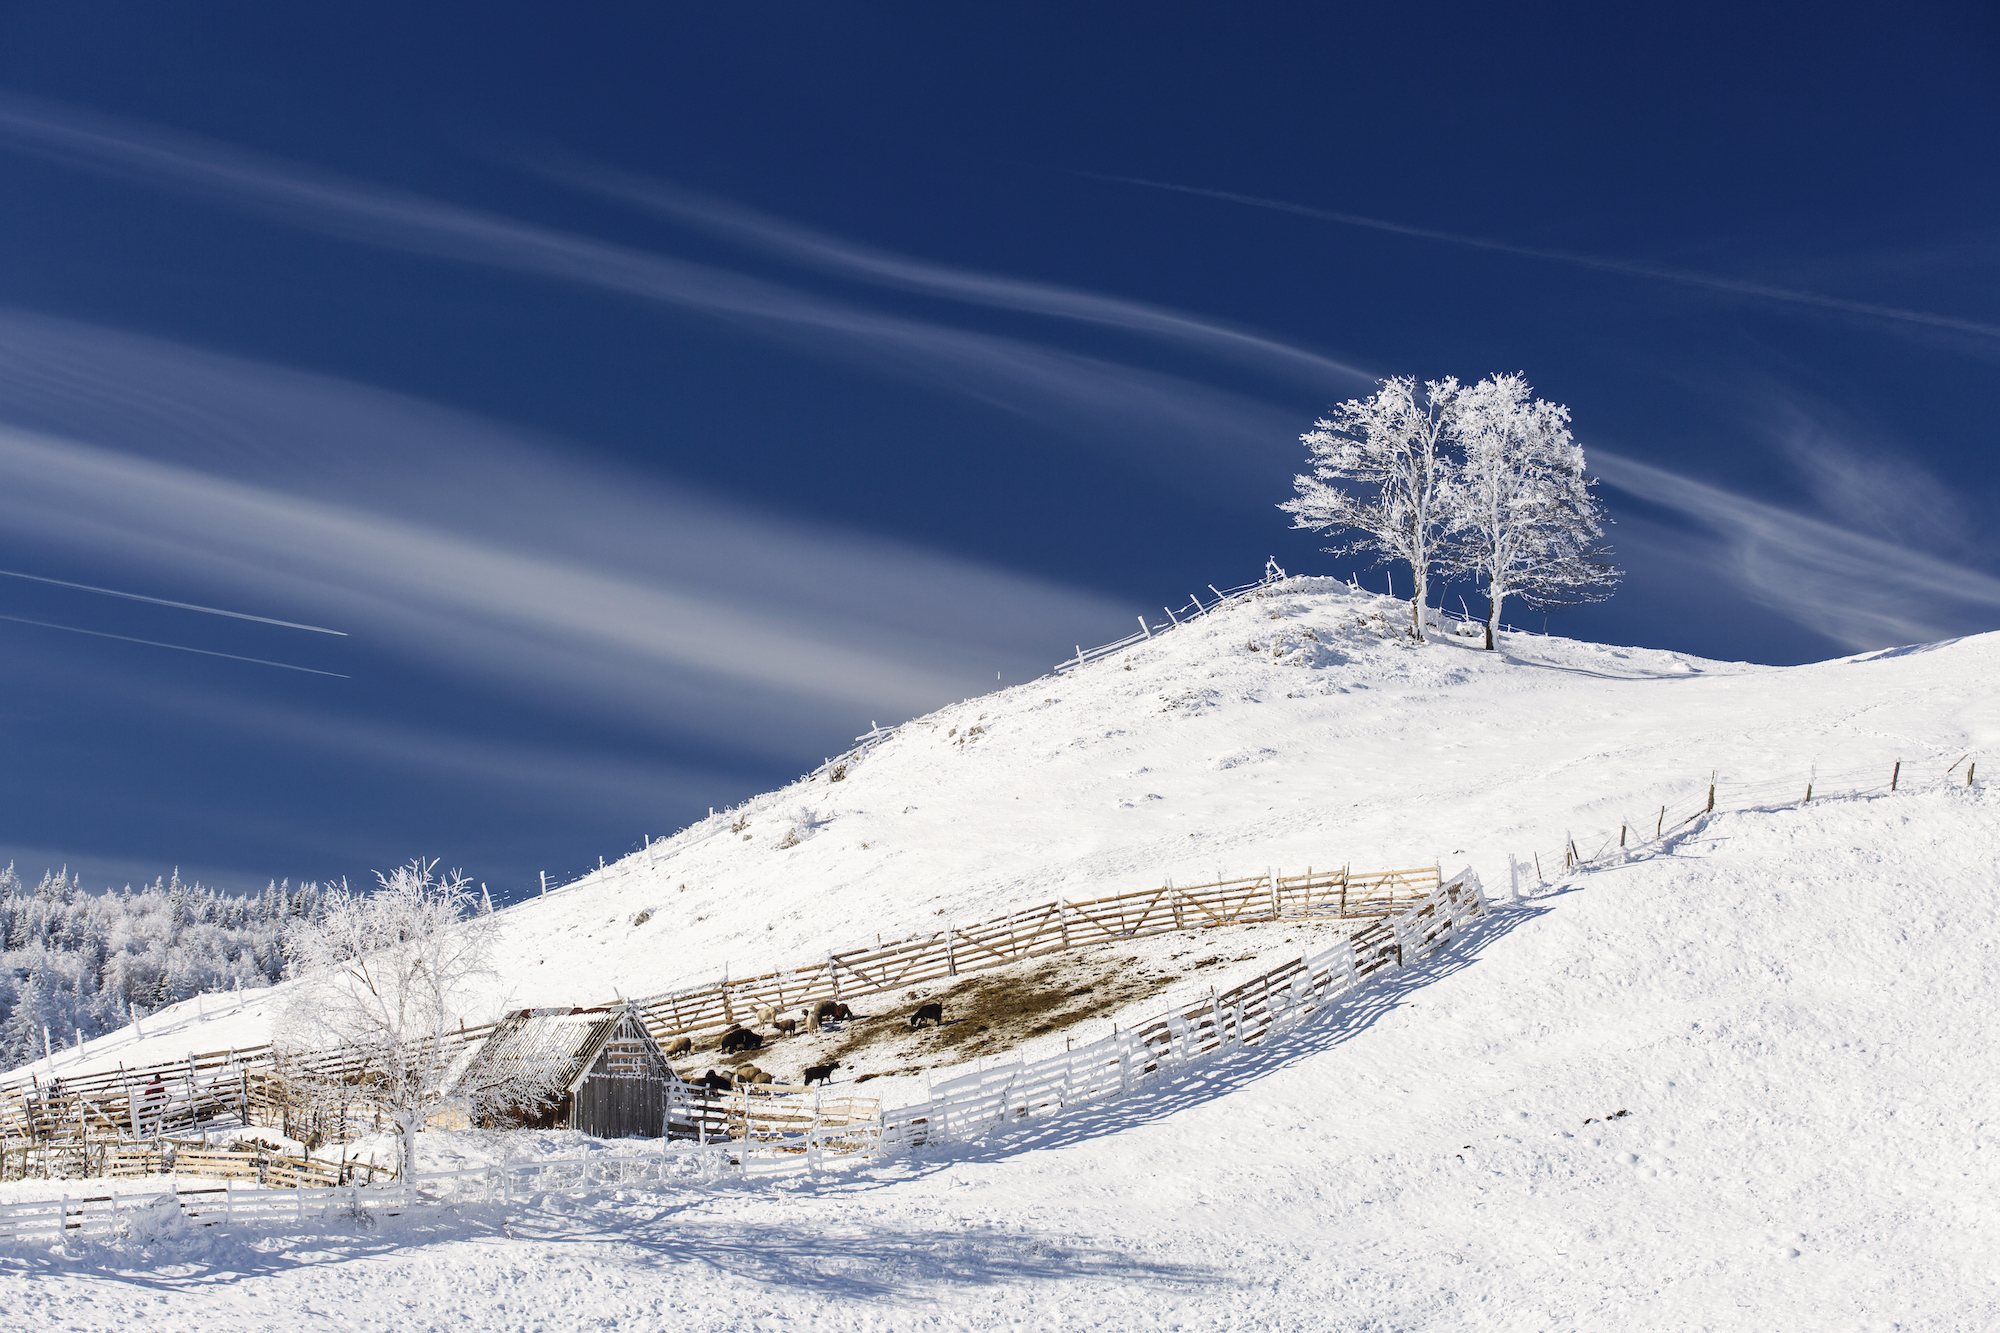 Single tree in frost, landscape in snow against blue sky